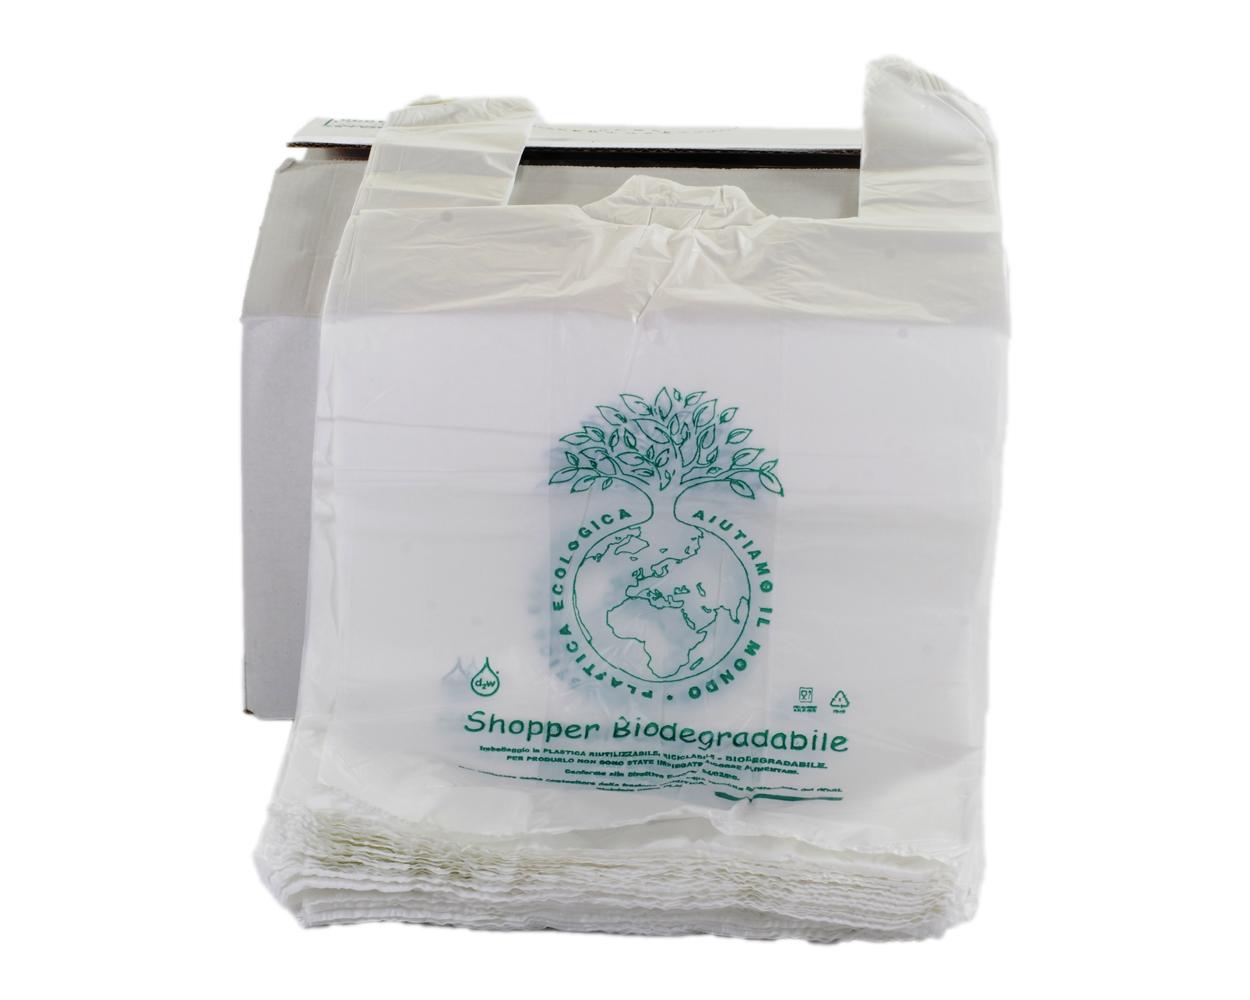 sacchetti e shopper biodegradabili compostabili